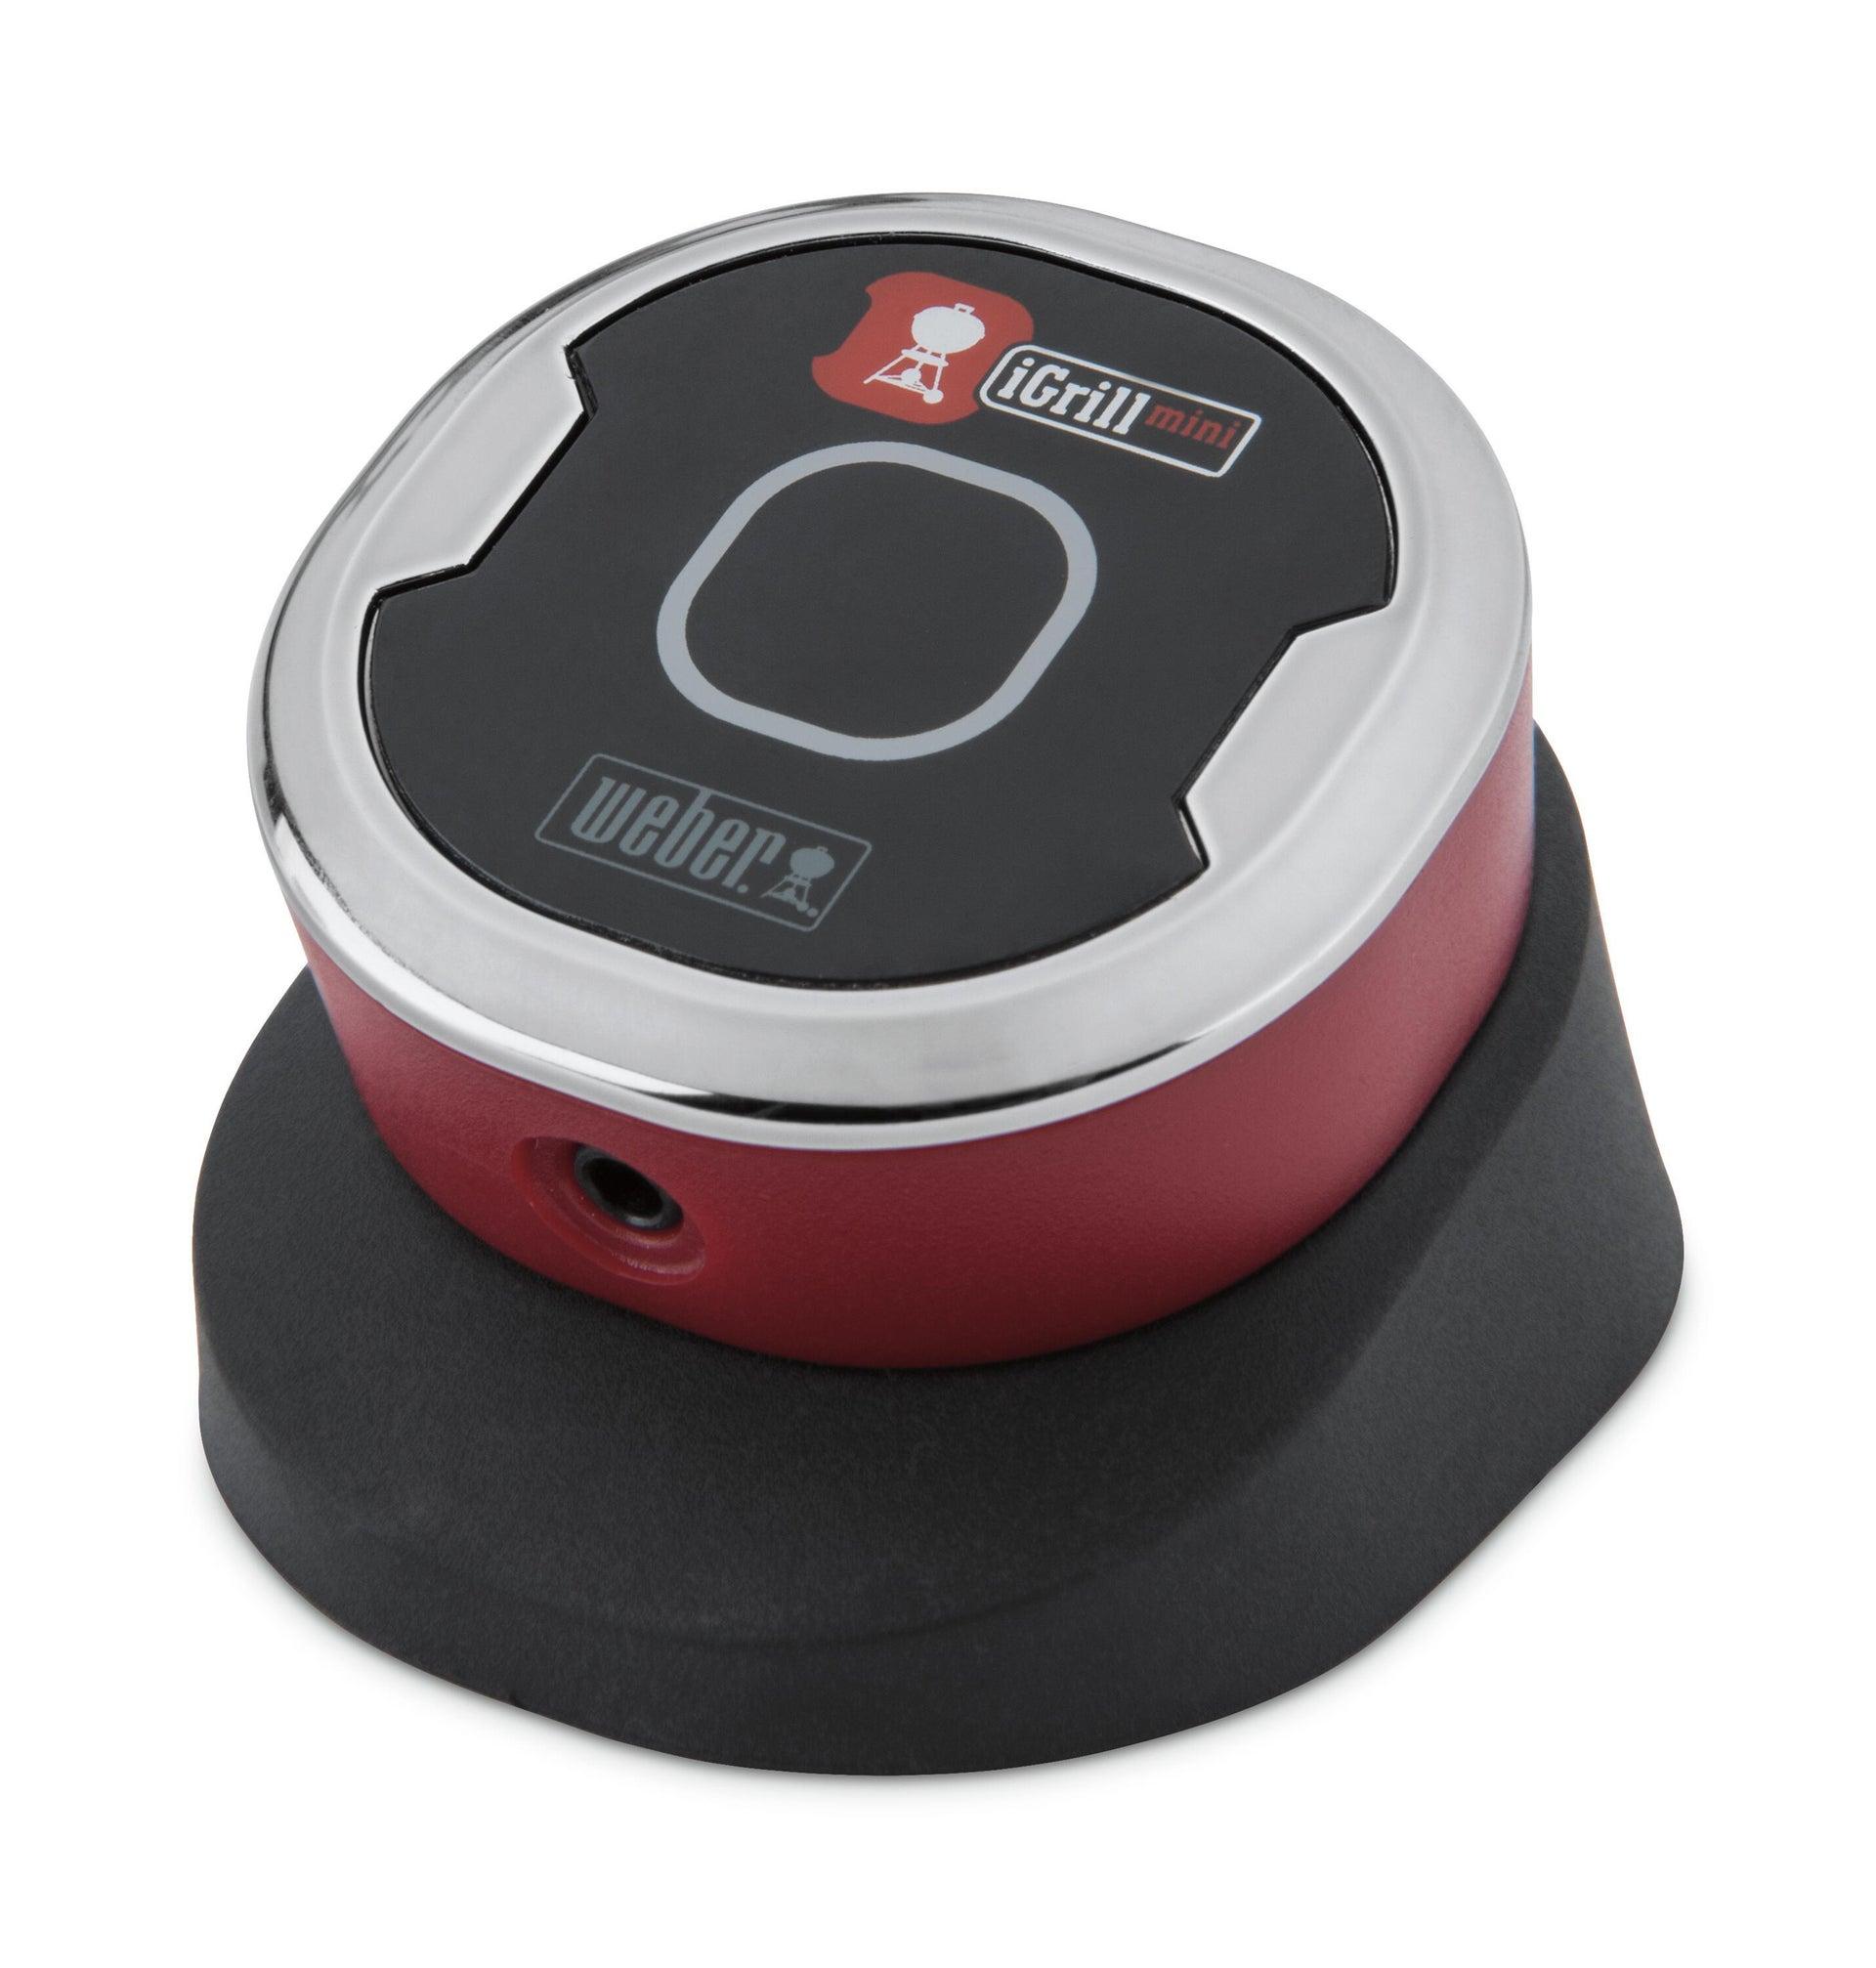 Termometro WEBER I-grill mini - 1